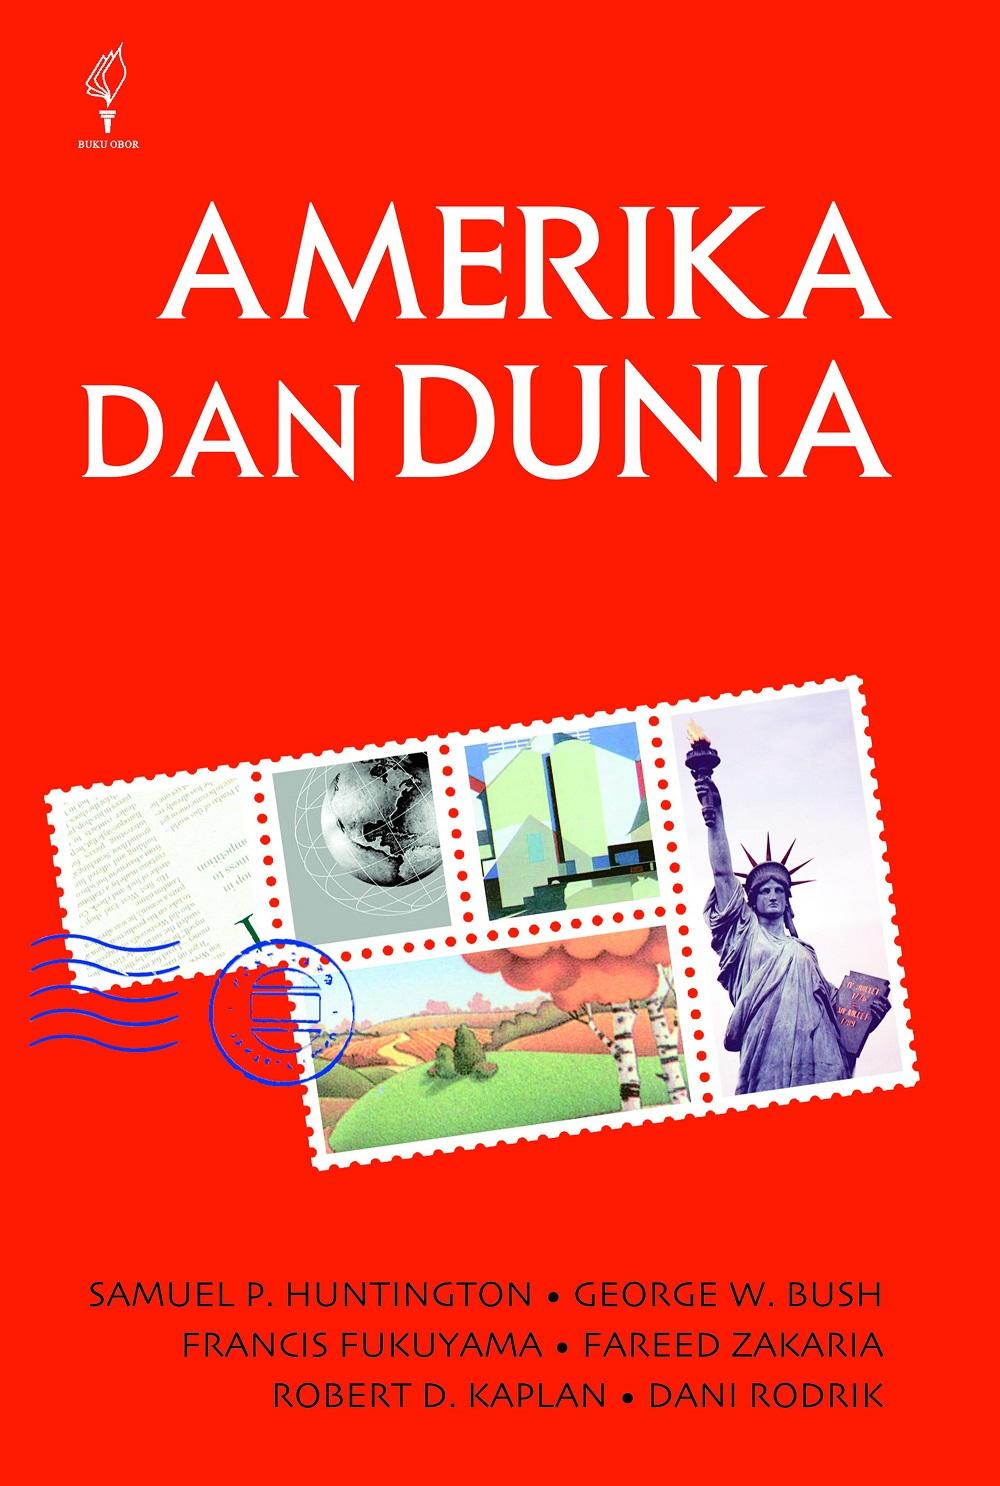 Amerika dan dunia [sumber elektronis] : memperdebatkan bentuk baru politik internasional